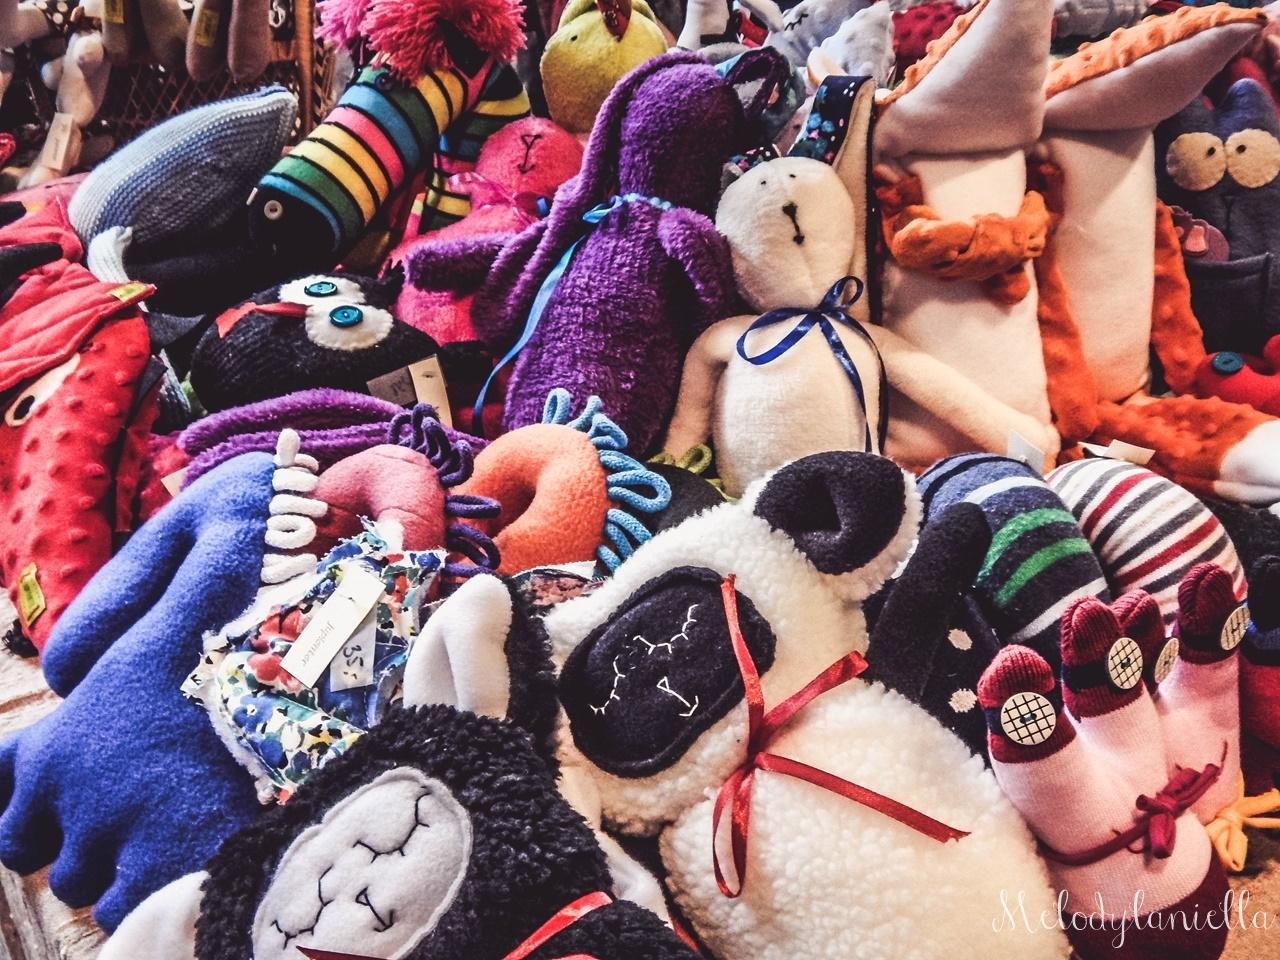 24 nietypowy jarmark świąteczny piotrkowska 217 co dzieje się w łodzi dwukropek ogrody zofii bożonarodzeniowy jarmark targ świąteczny świat z lukru pierniki świąteczne łódź biżuteria handmade piando zigner